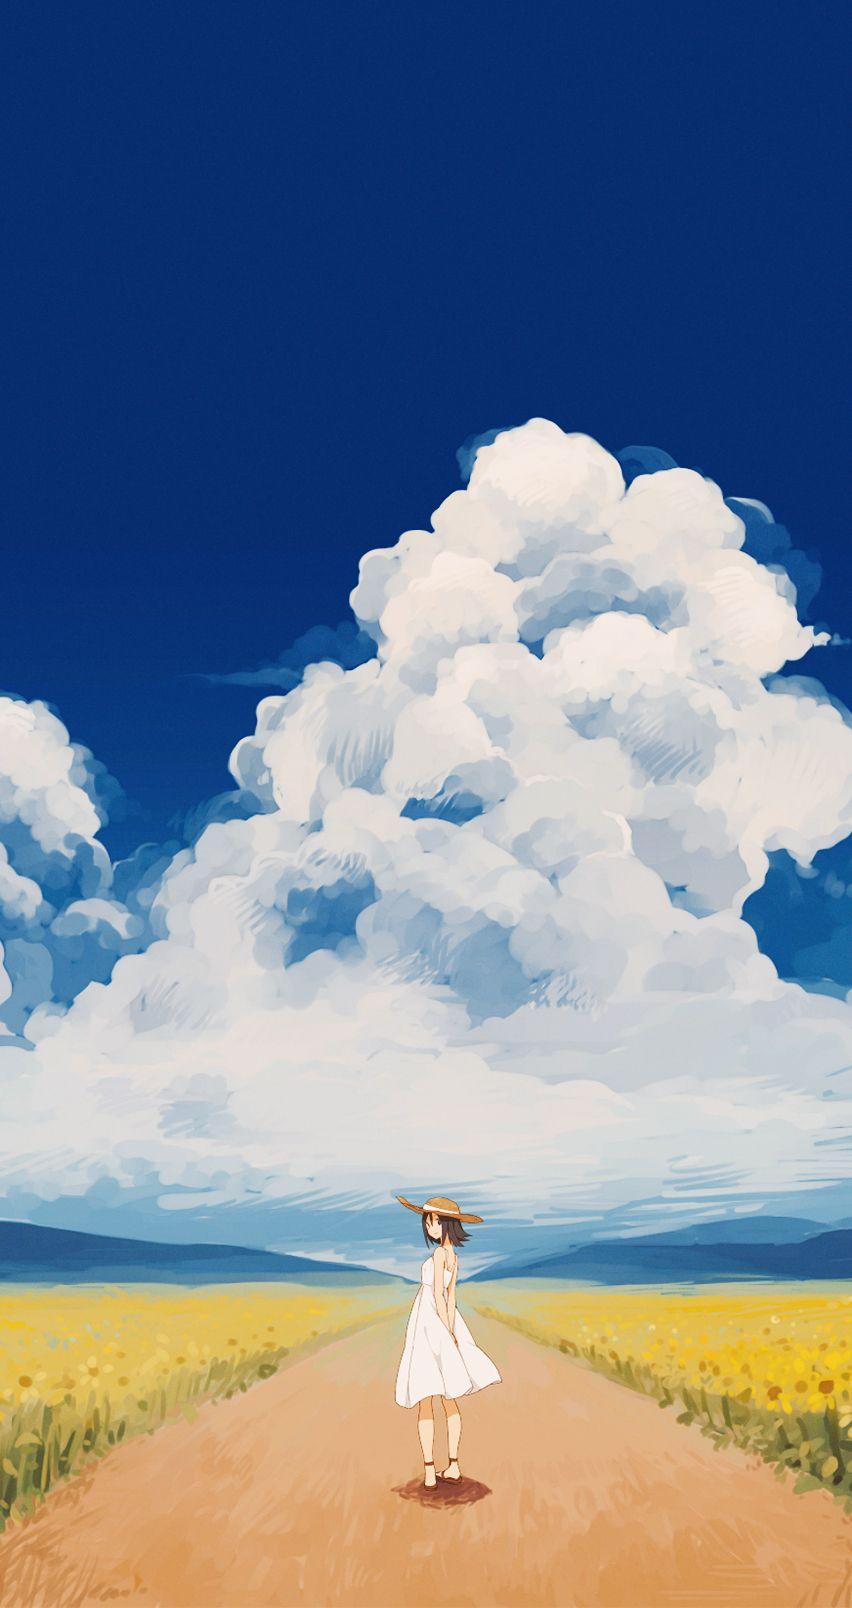 Tổng Hợp Những Hình Nền Anime Đẹp Nhất Cho Điện Thoại Hình Ảnh 8